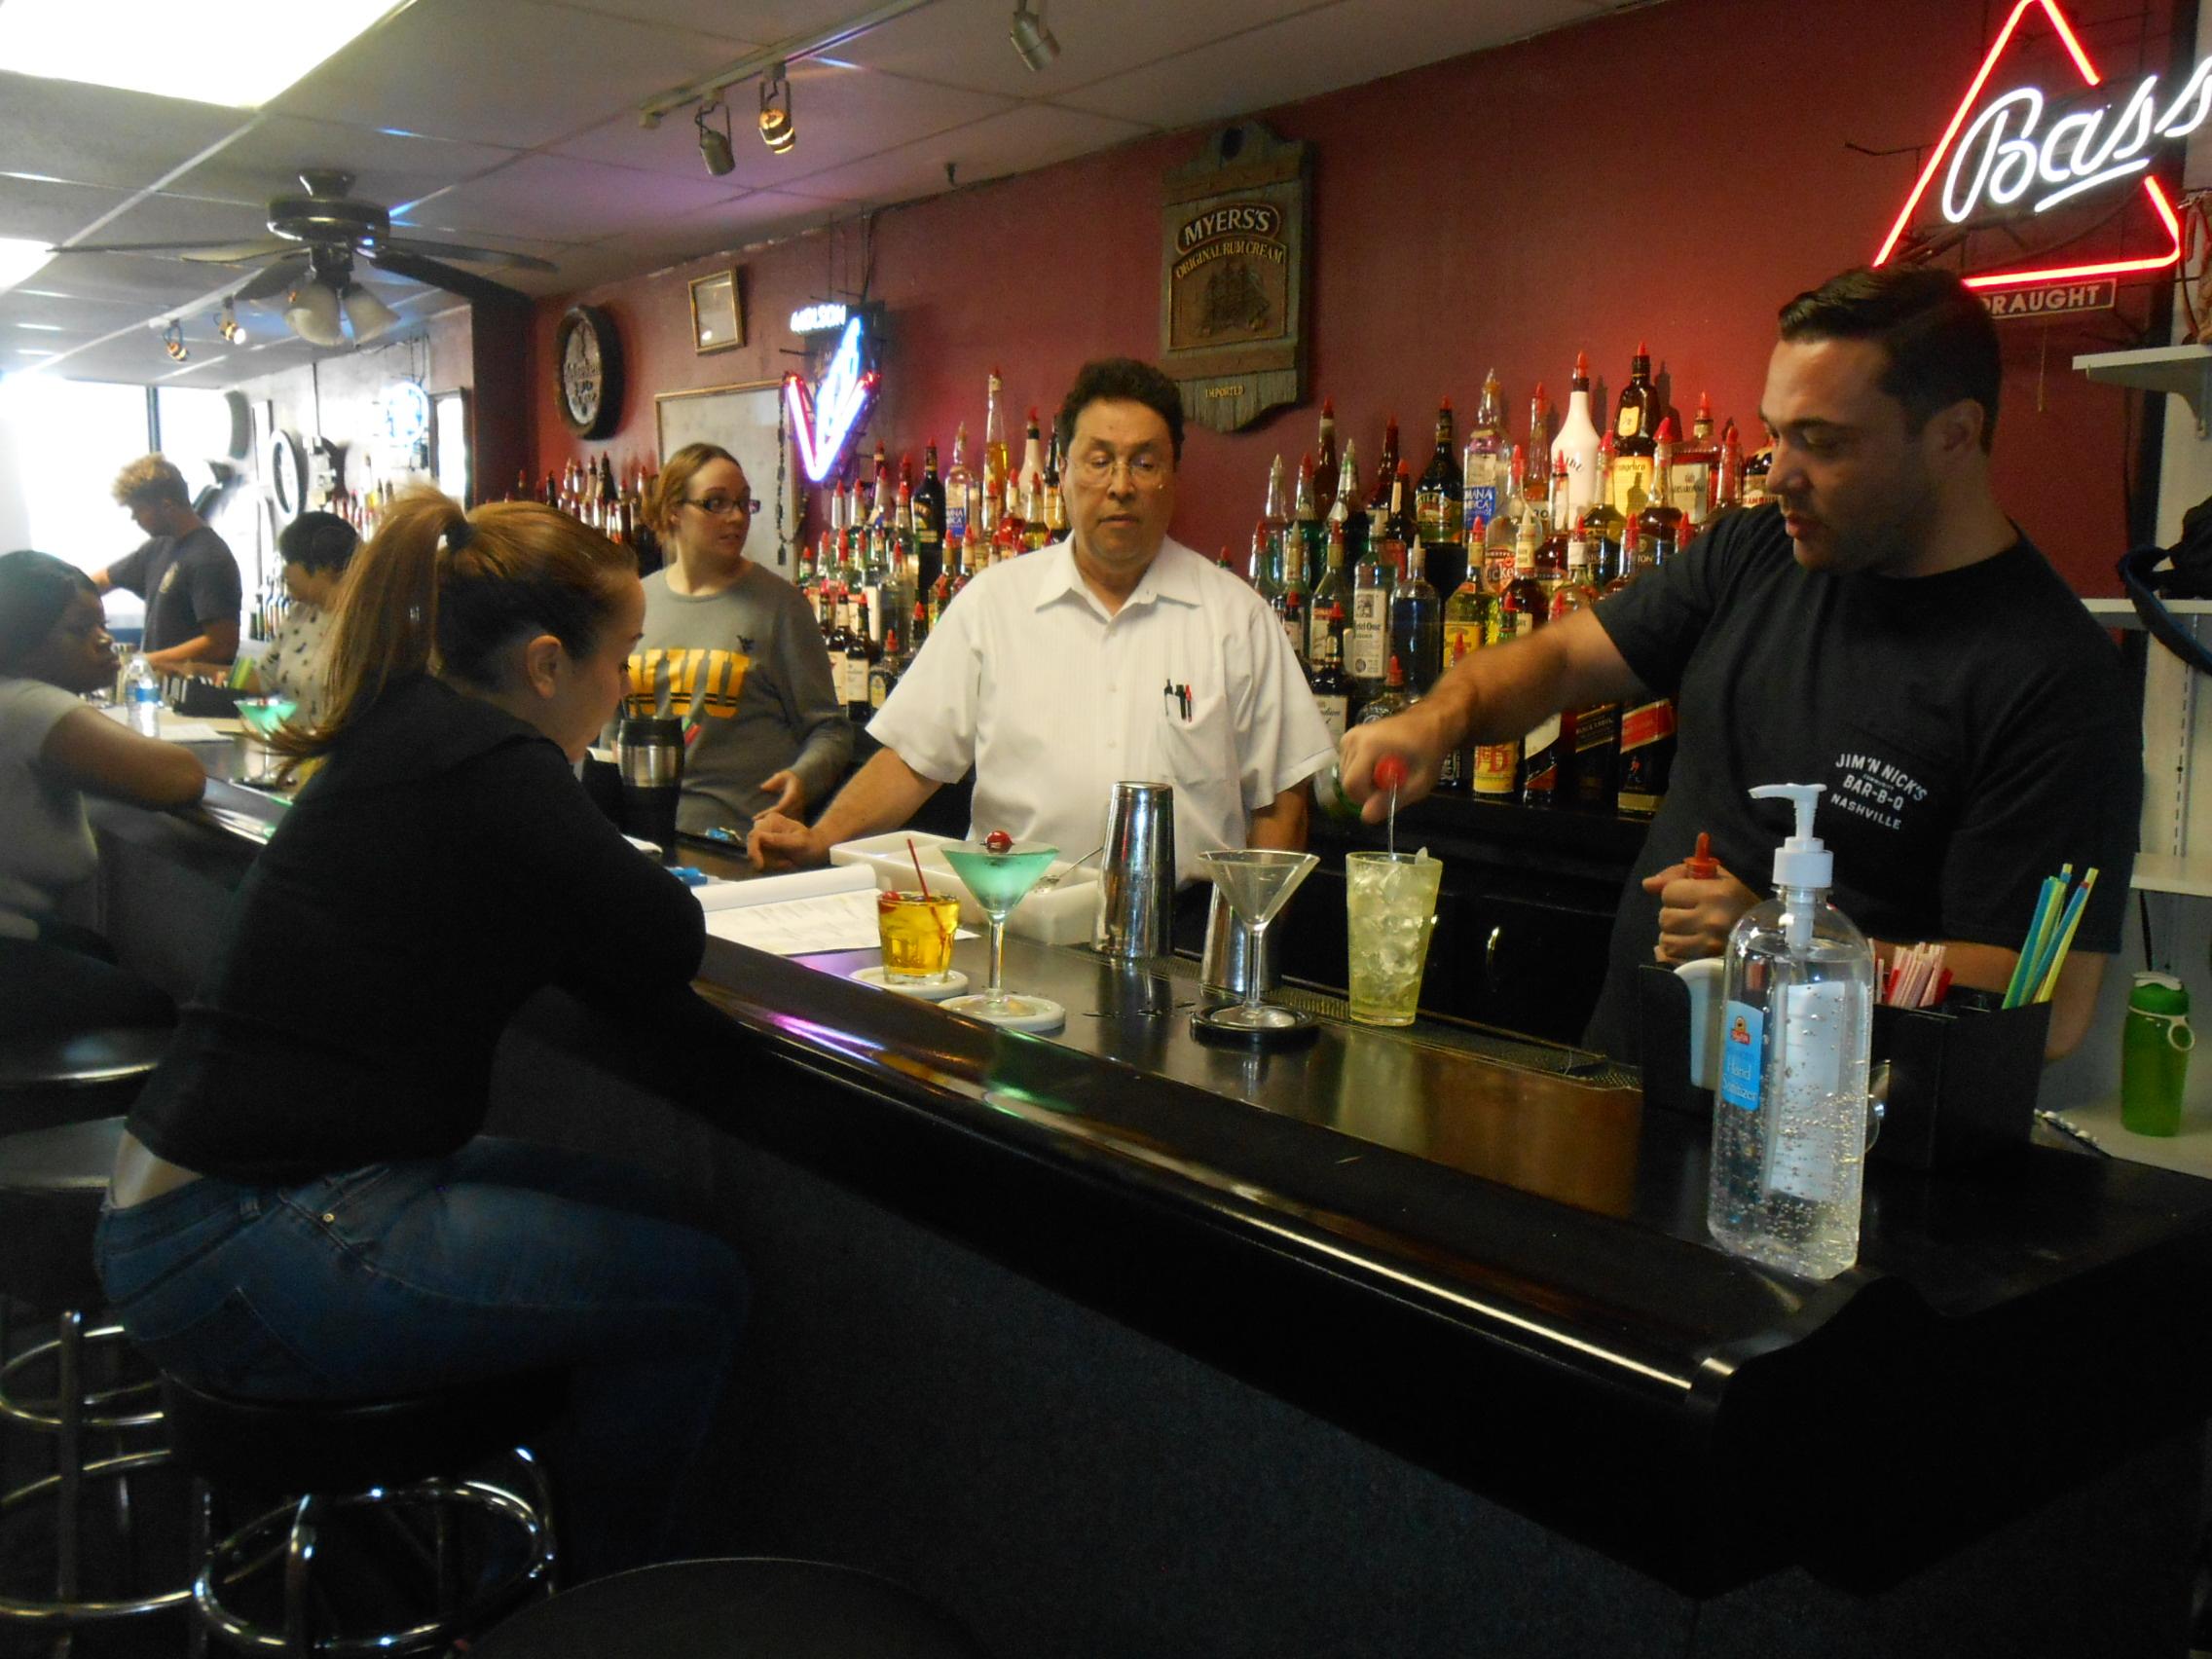 National Bartenders School image 5